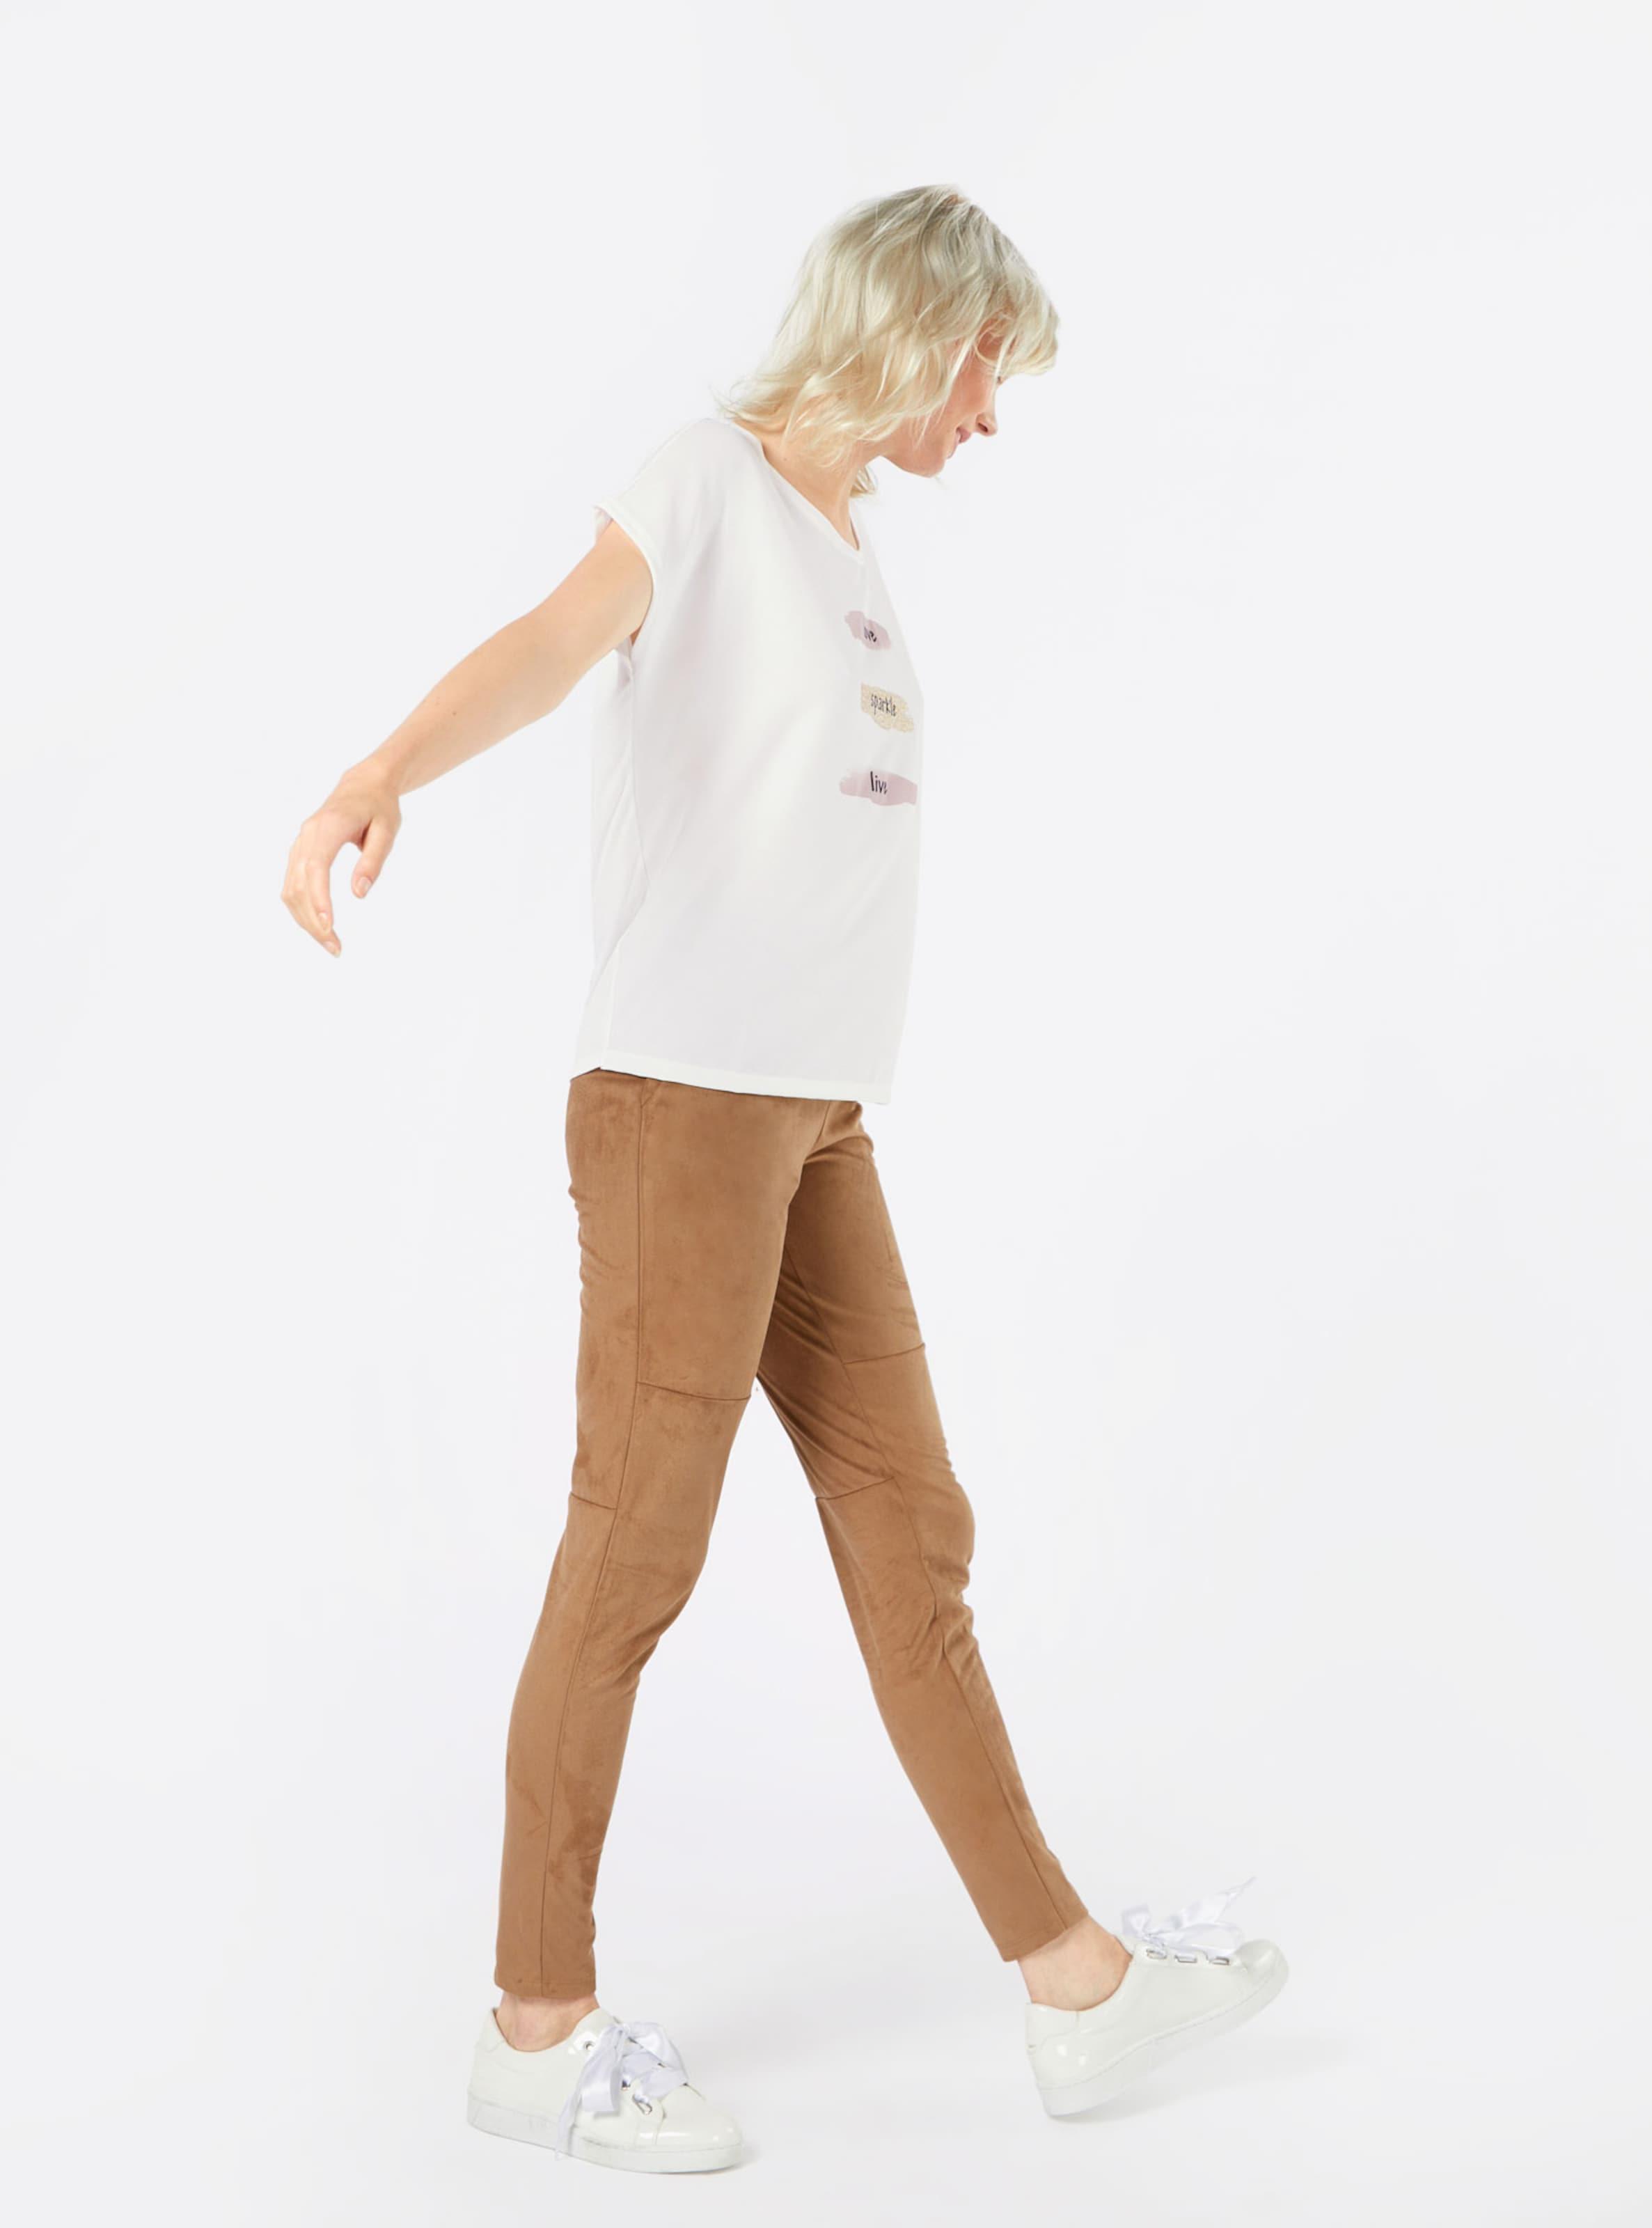 anna & ella Shirt 'Sina' Spielraum Nicekicks Extrem Günstiger Preis Besuchen Online-Verkauf Neu Spielraum Günstig Online kSlpJvezVi